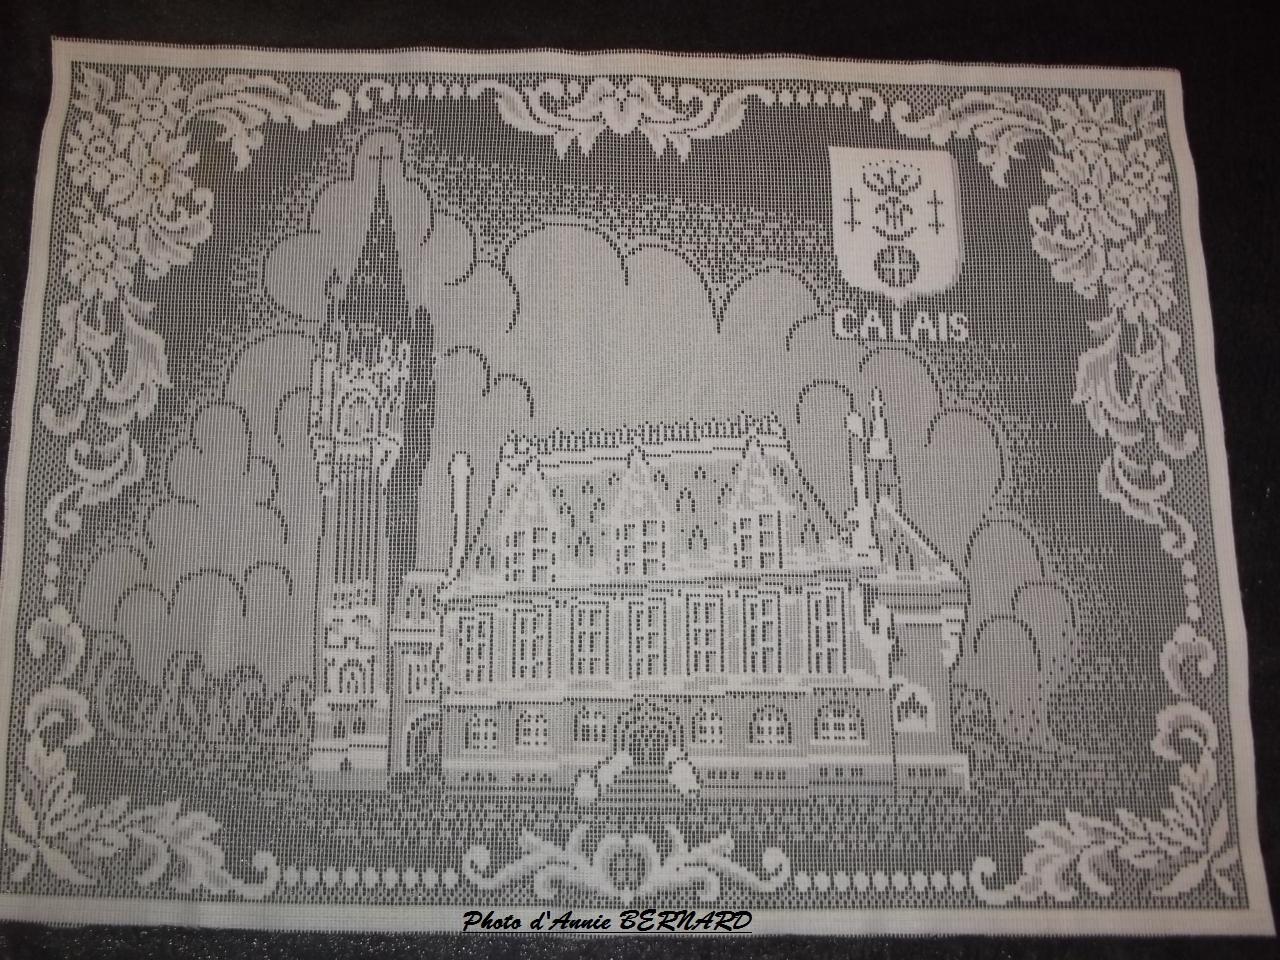 Une représentation de la mairie